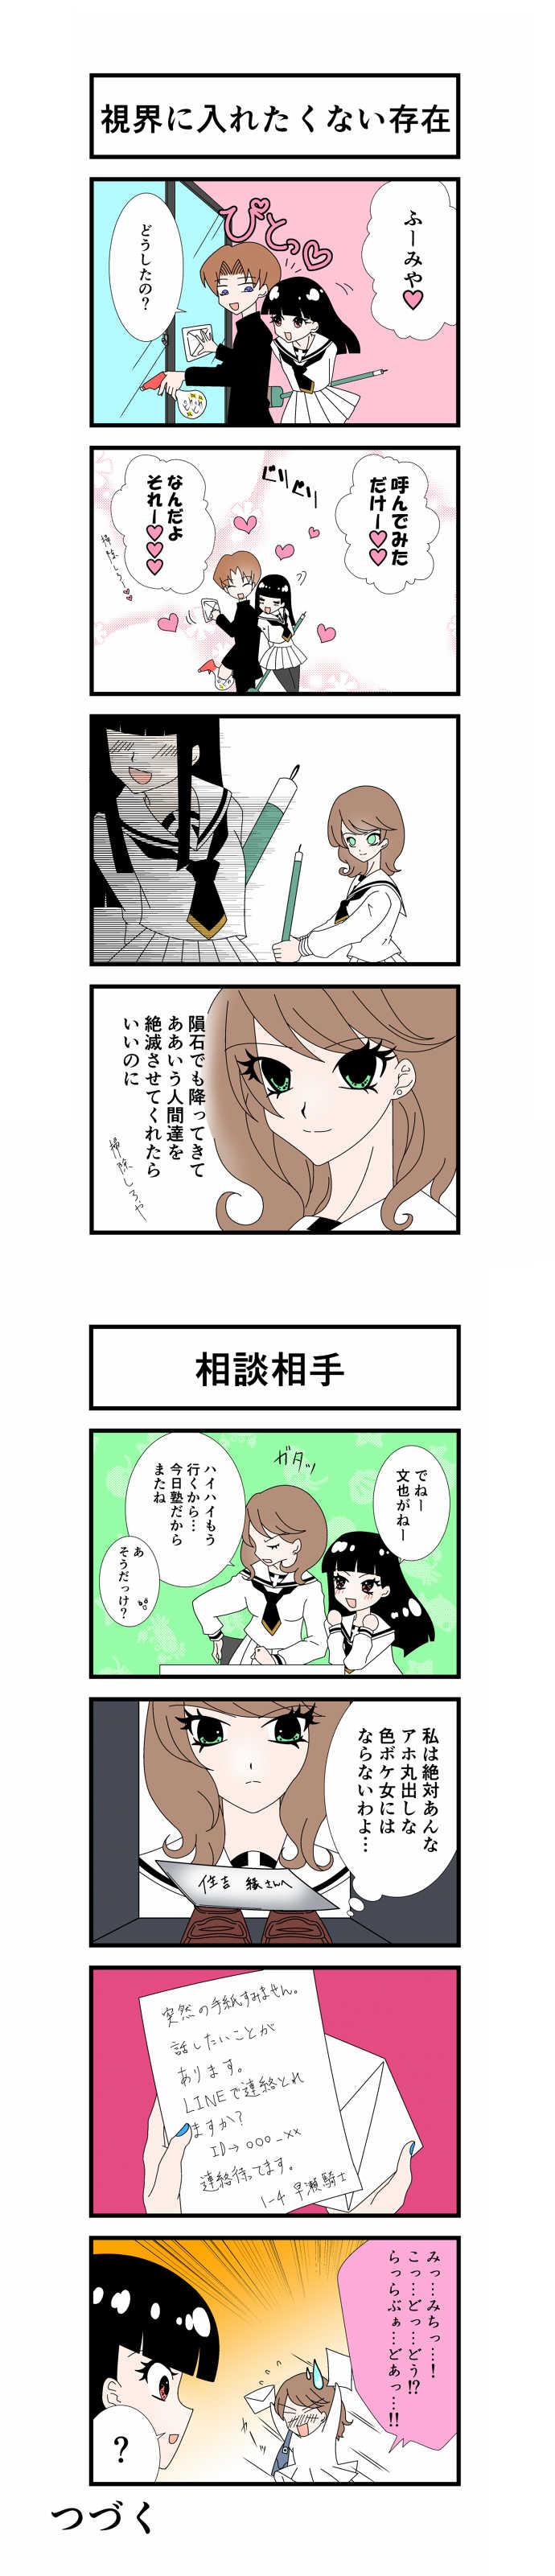 文也とみちるの高校生日記①